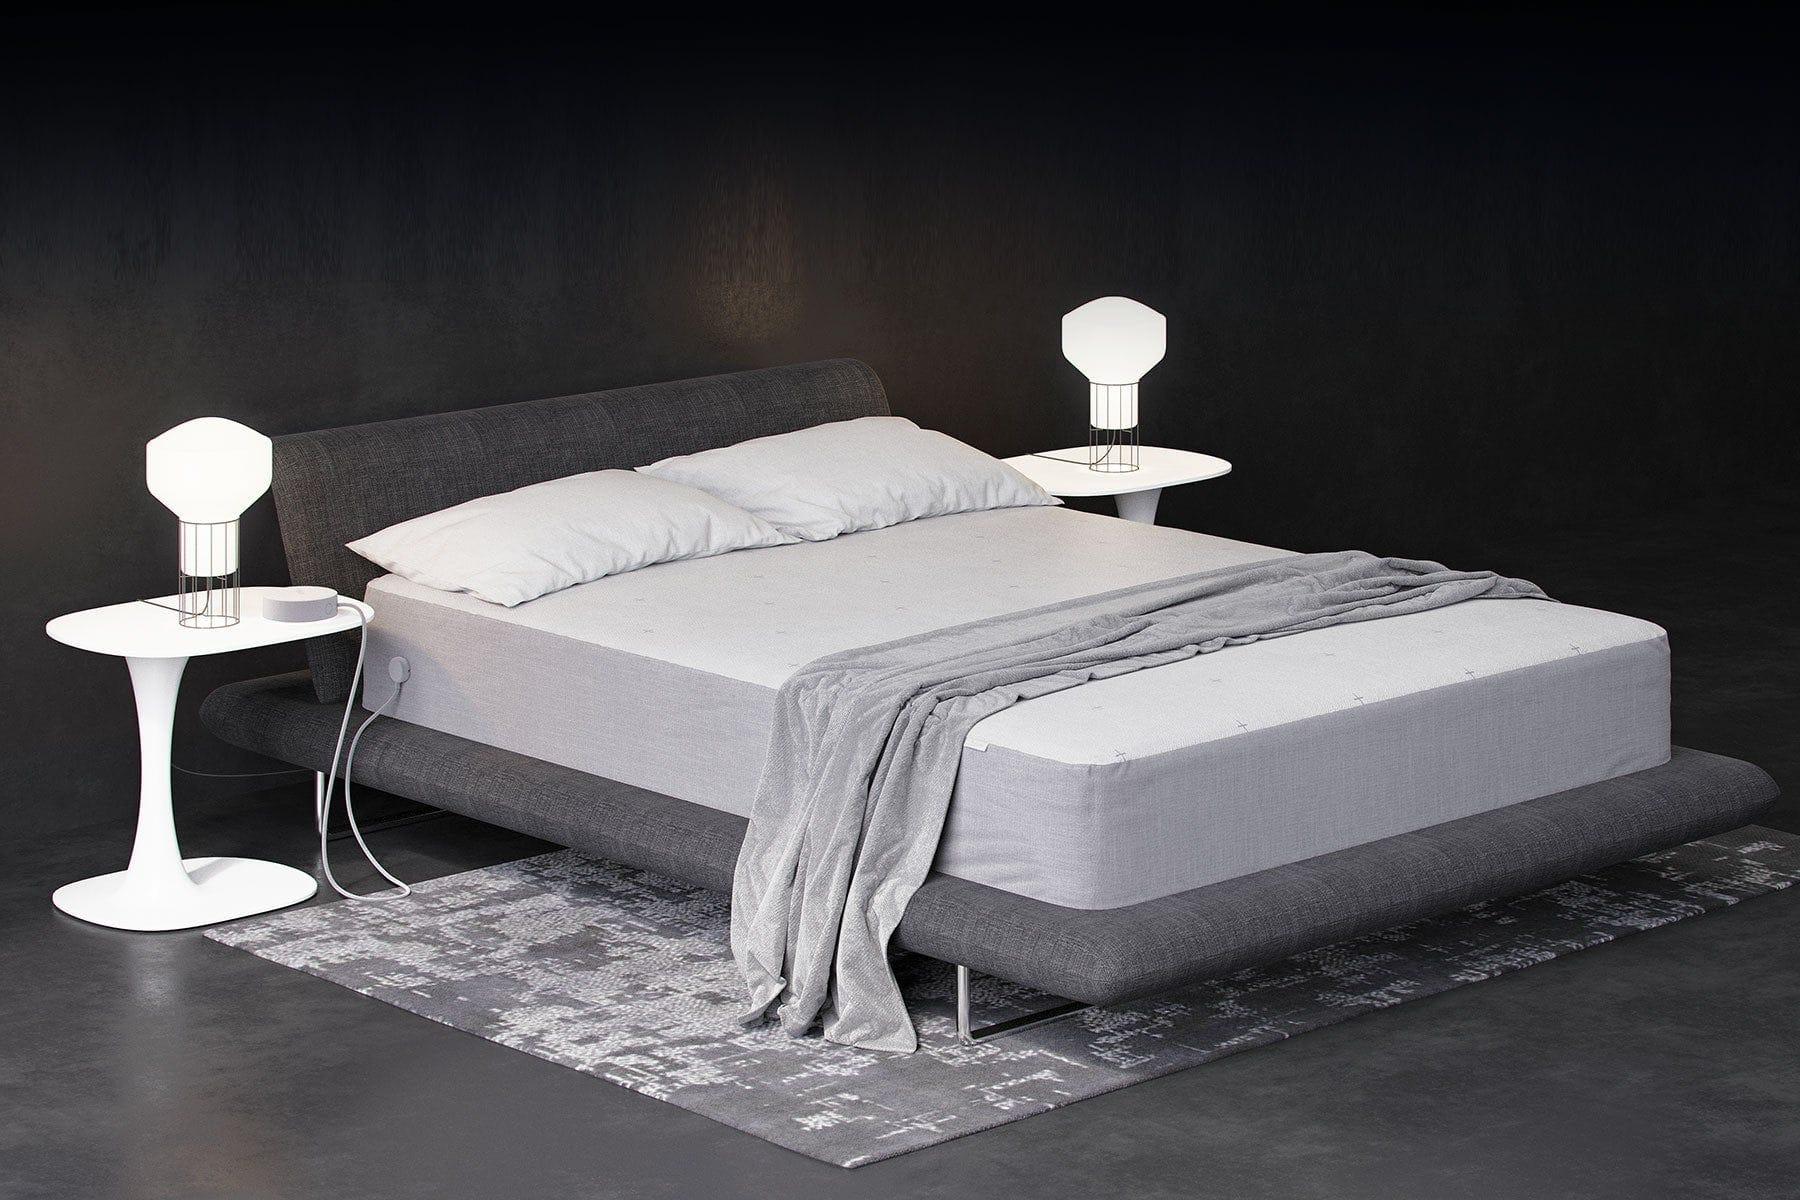 Eight sleep smart bed